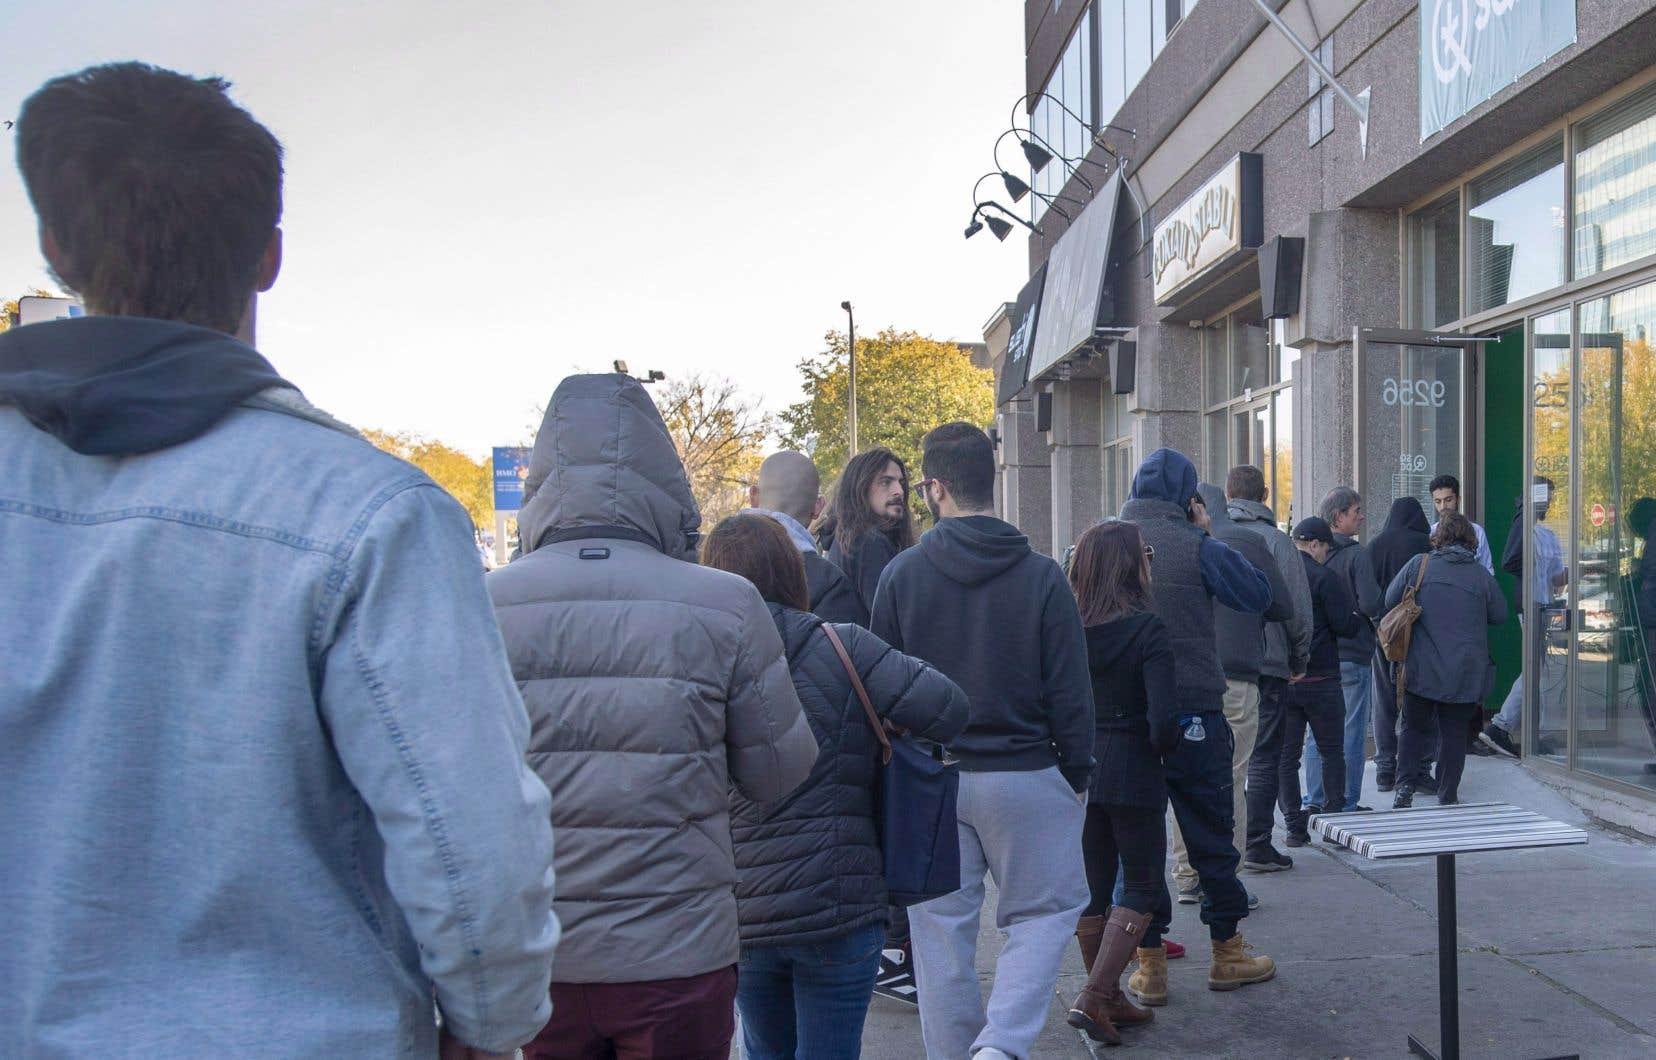 Au lendemain des élections, le gouvernement de François Legault s'est engagé à réécrire la loi encadrant la légalisation du cannabis du Québec d'ici la fin de l'année.